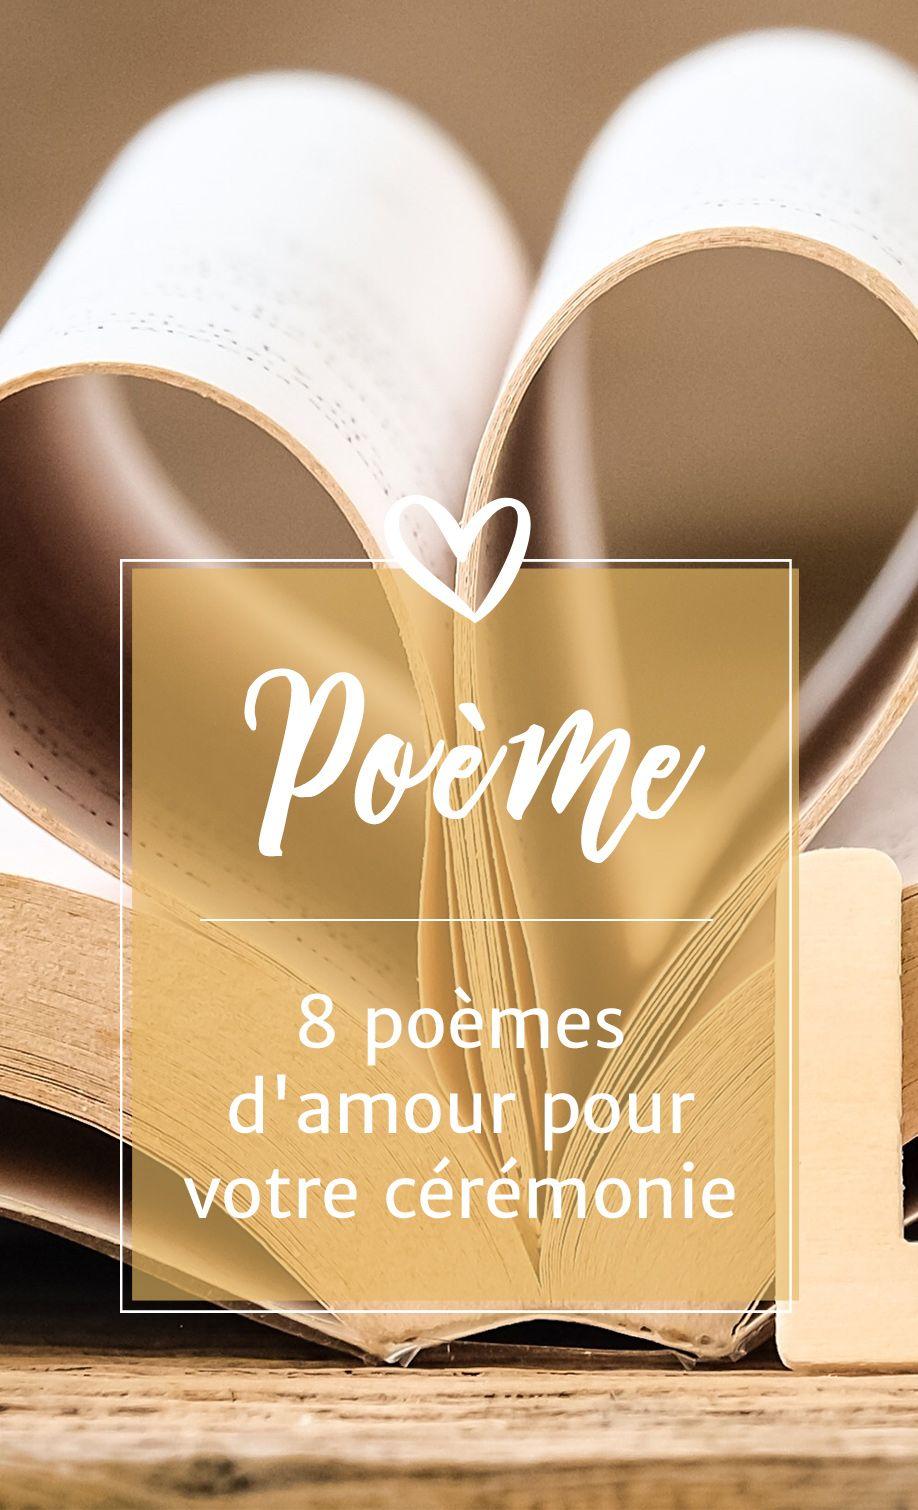 8 Poèmes Damour Pour Votre Cérémonie Animationscadeaux